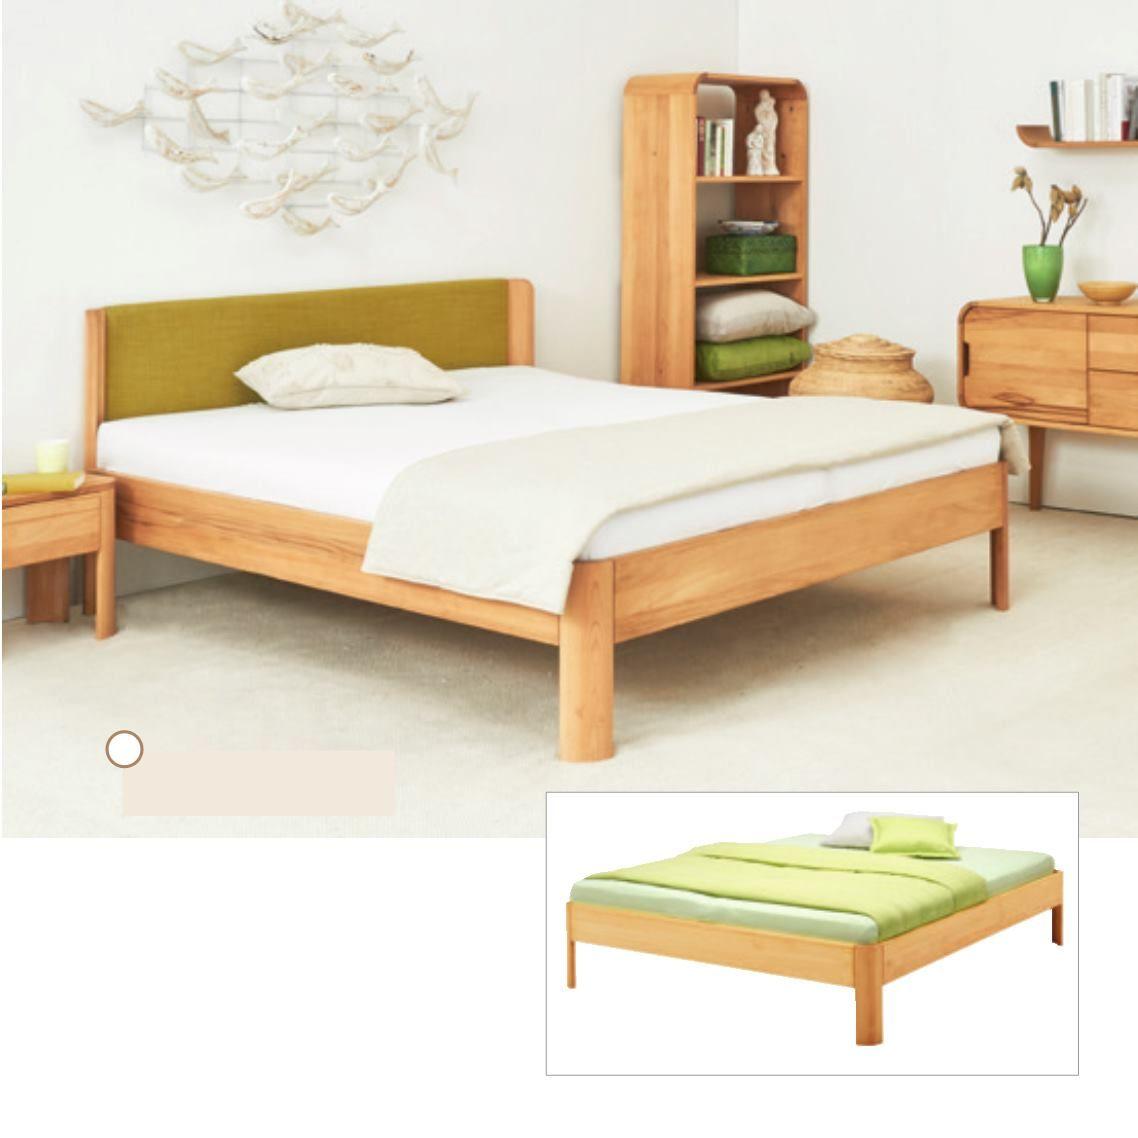 Holzbett rustikal hoch  Bett Ronda Möbelum 399€ 40cm hoch | wohnen | Pinterest ...